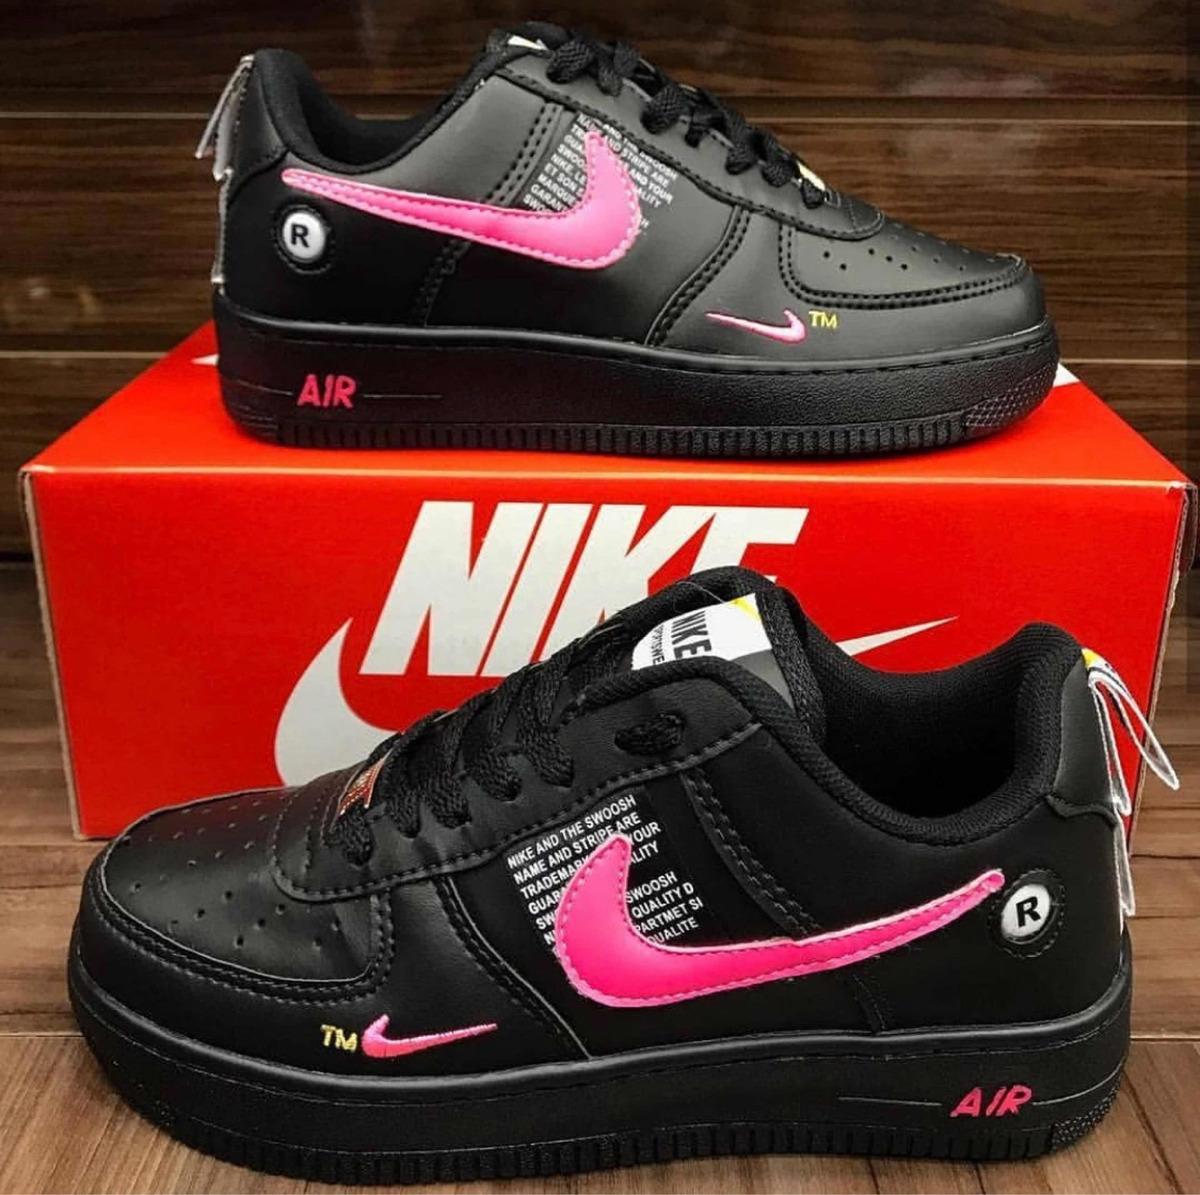 Leer Comprar Air Force Descripcion No Nike Dar 7yYgvf6b